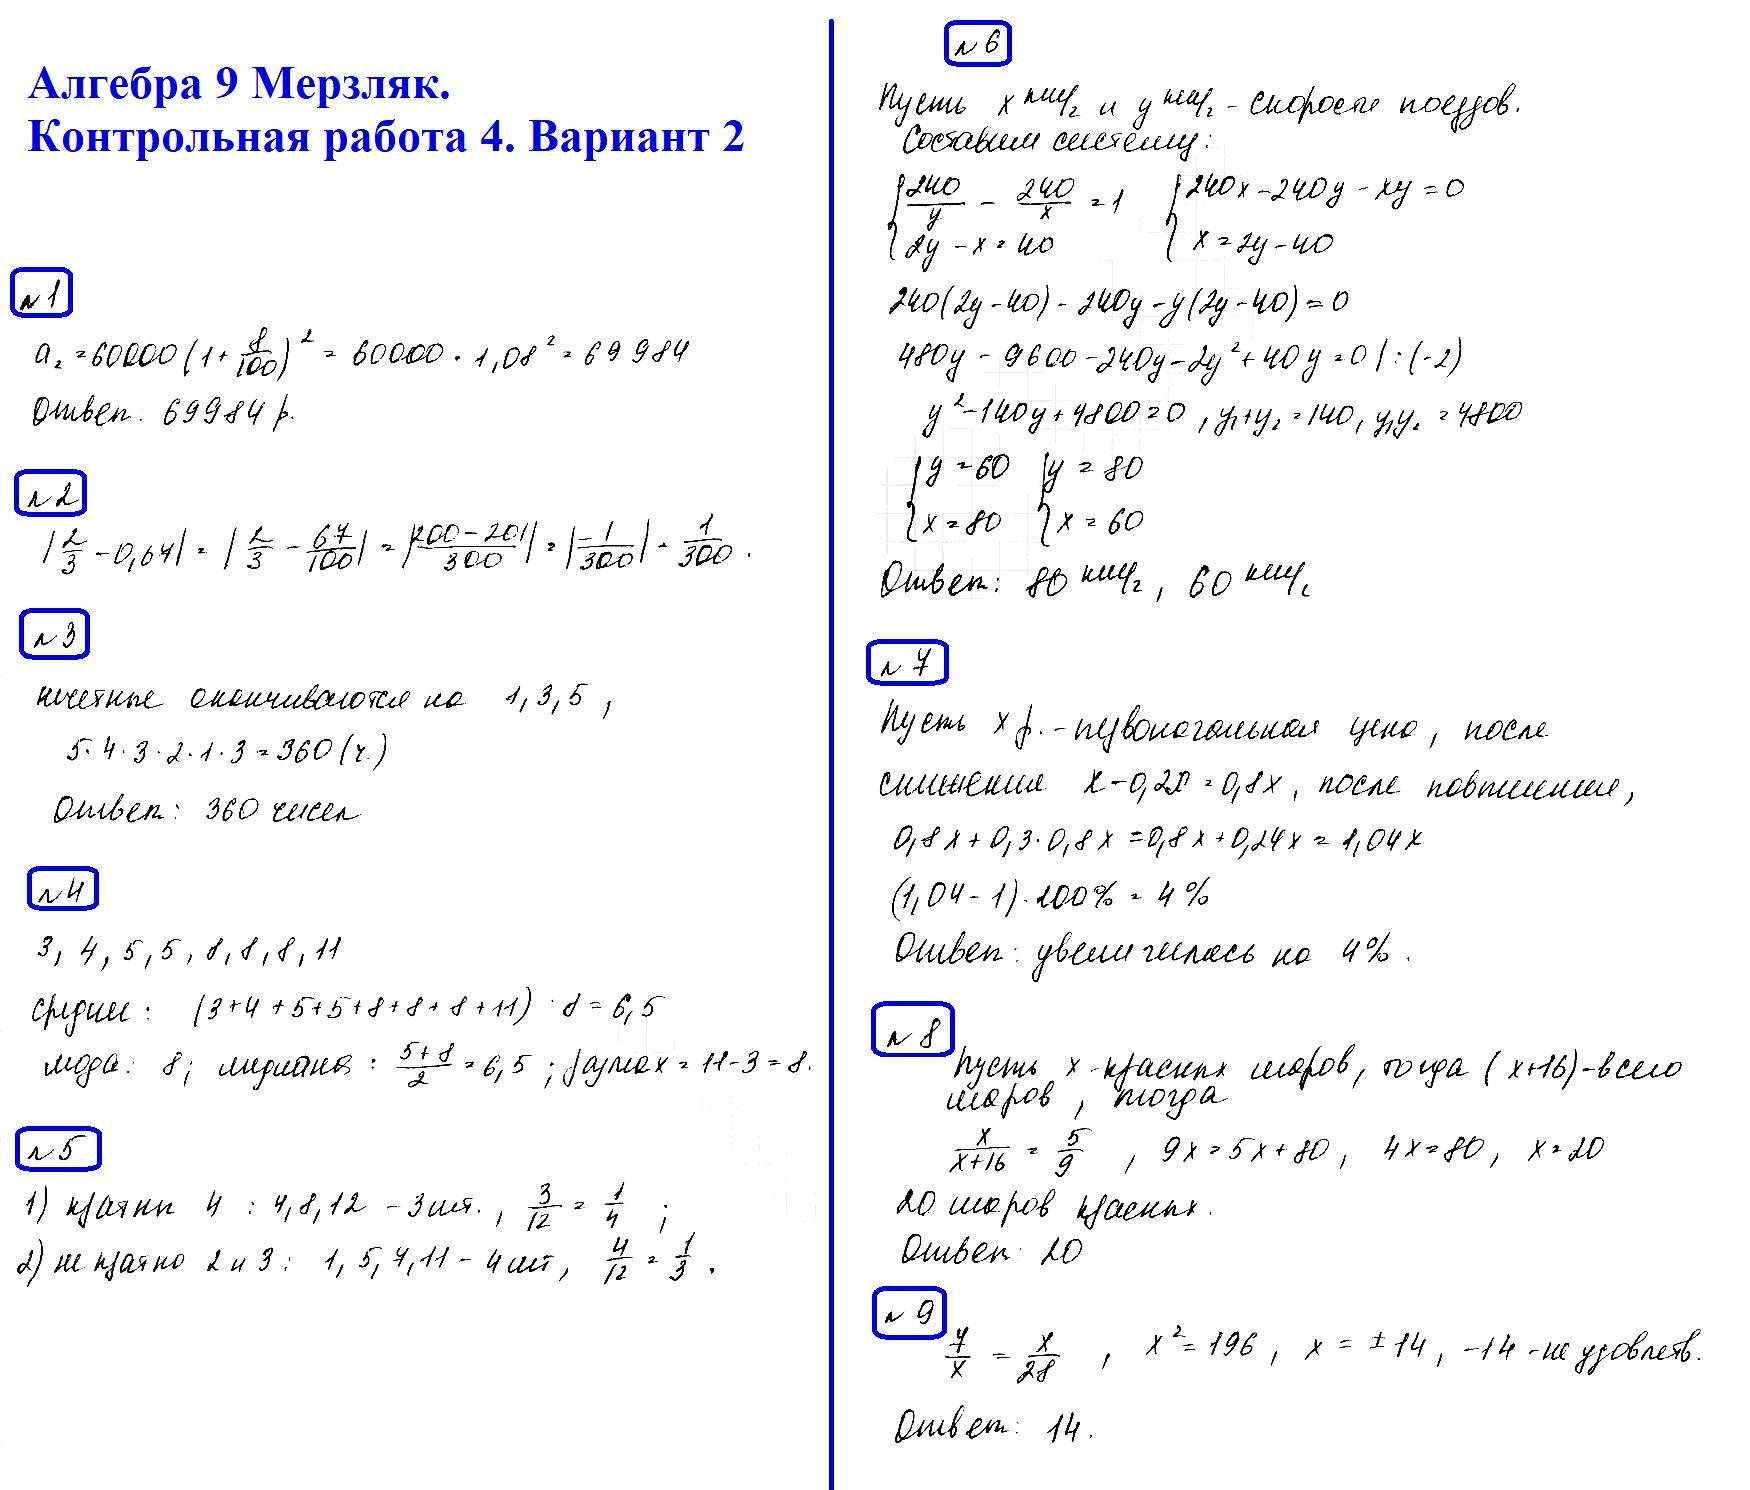 Алгебра 9 Мерзляк. Ответы на контрольную 4 в2